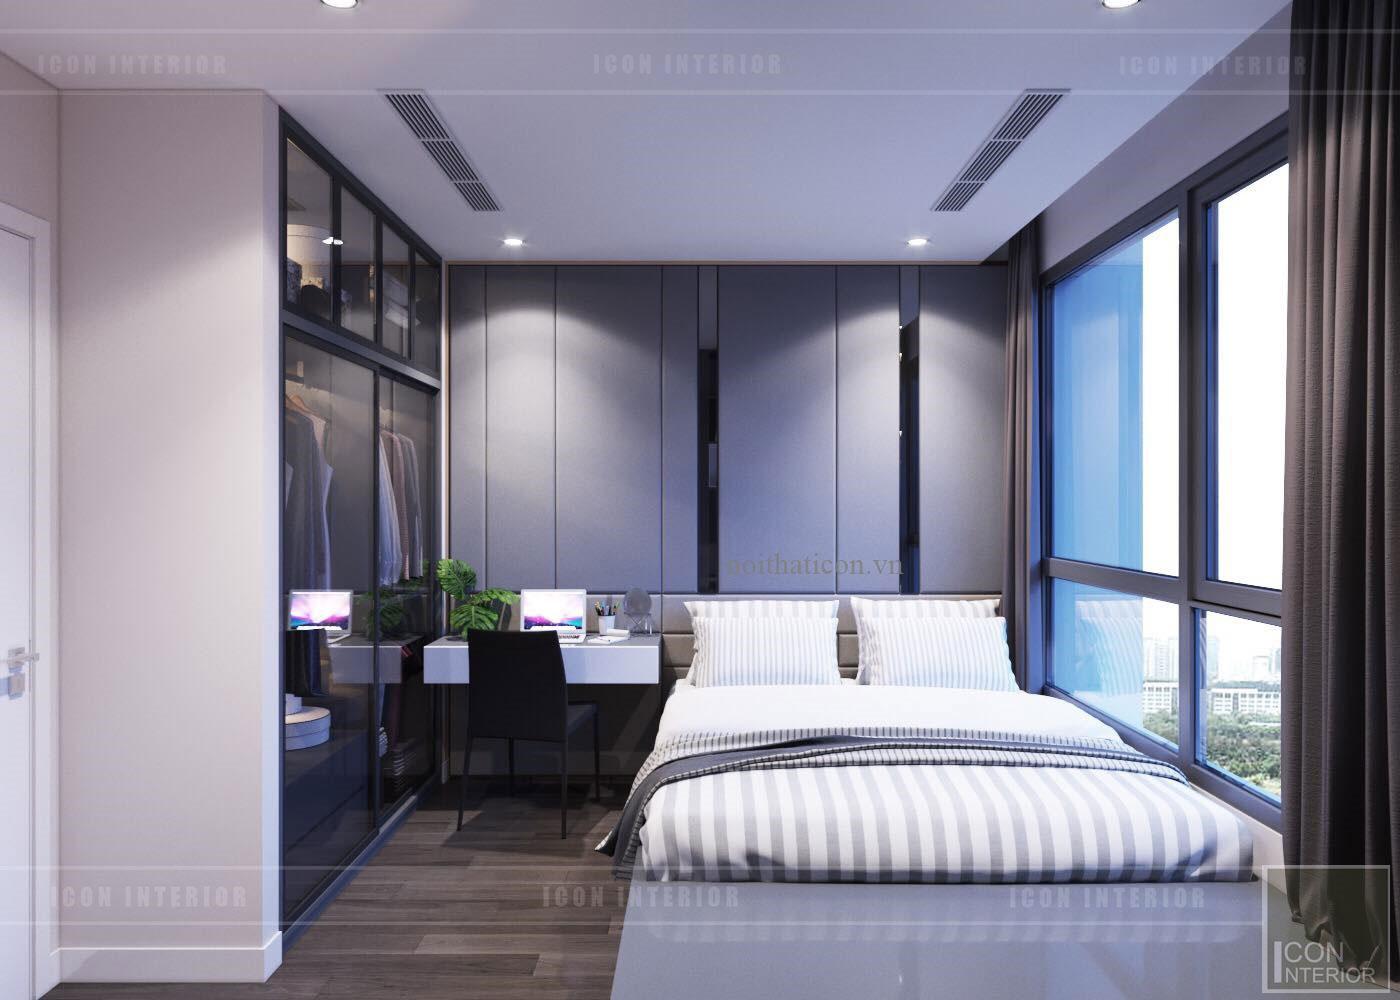 thiết kế nội thất căn hộ Landmark 6 Vinhomes Central Park - phòng ngủ nhỏ 2